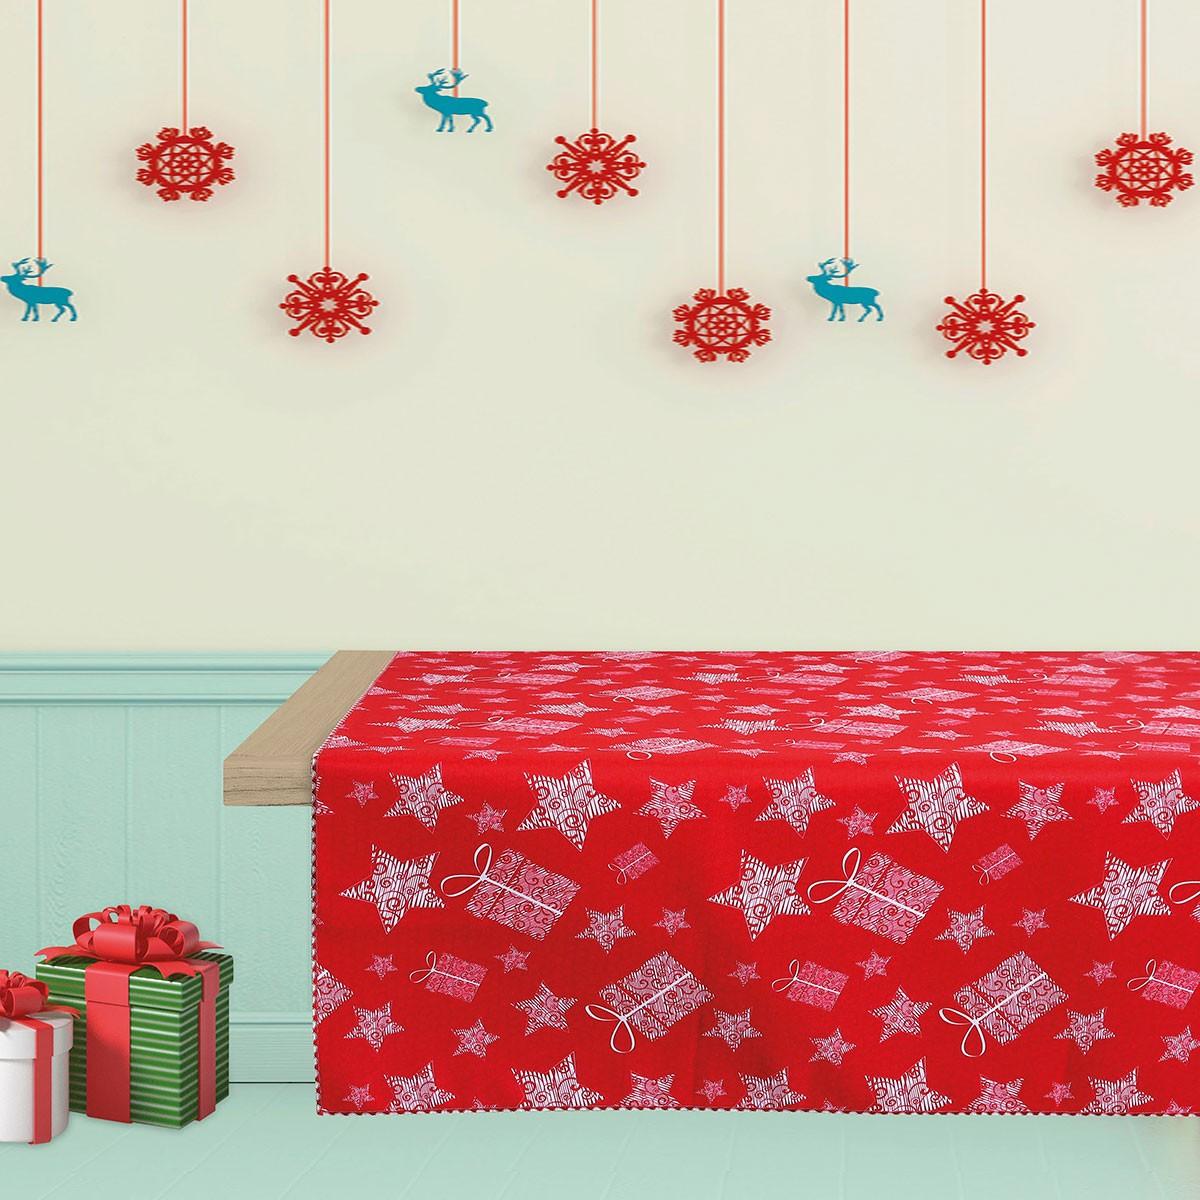 Χριστουγεννιάτικο Τραπεζομάντηλο (140×140) Das Home Kitchen 534